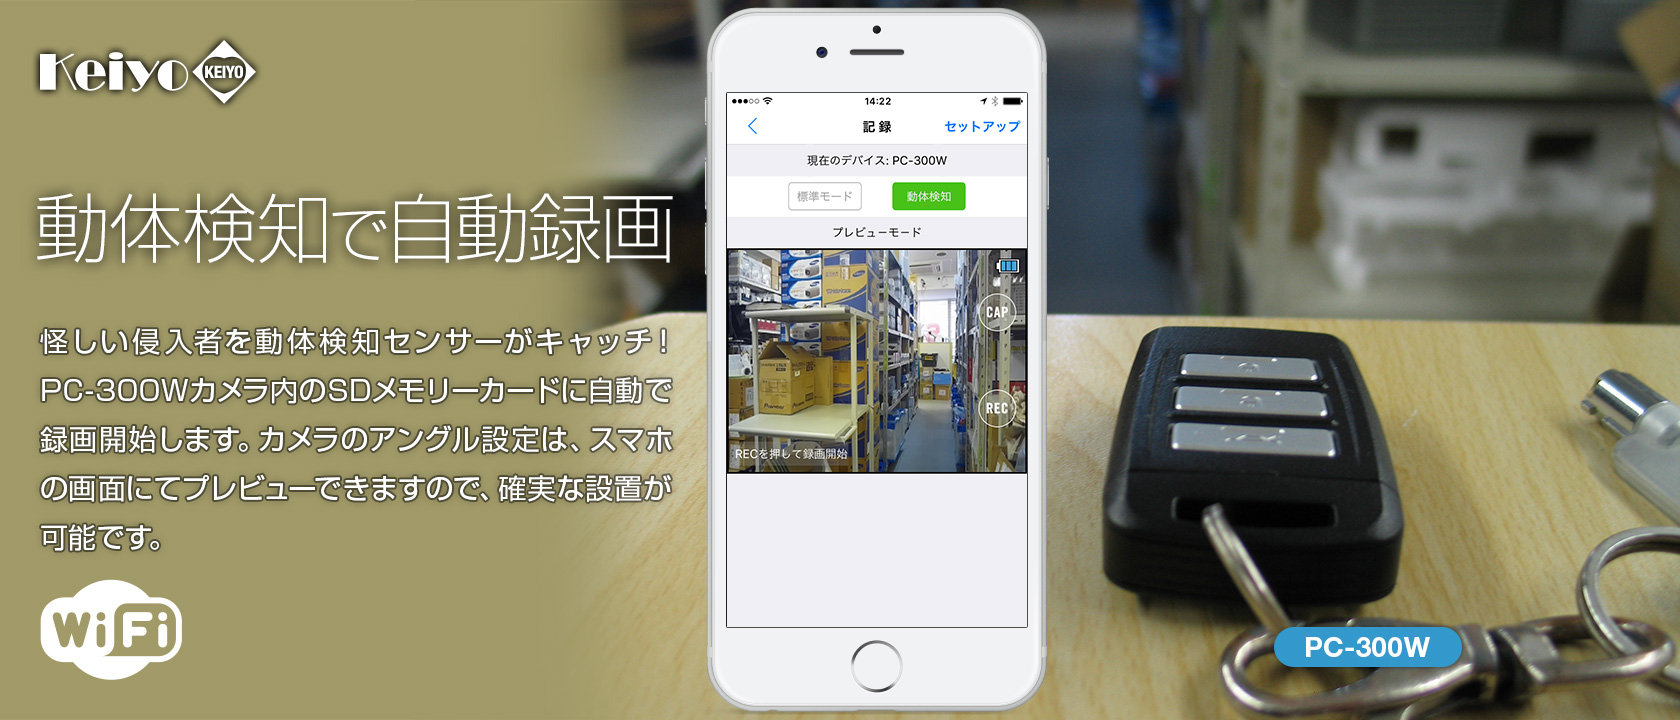 Wi-FI電波で使用できる偽装カメラPC-300W